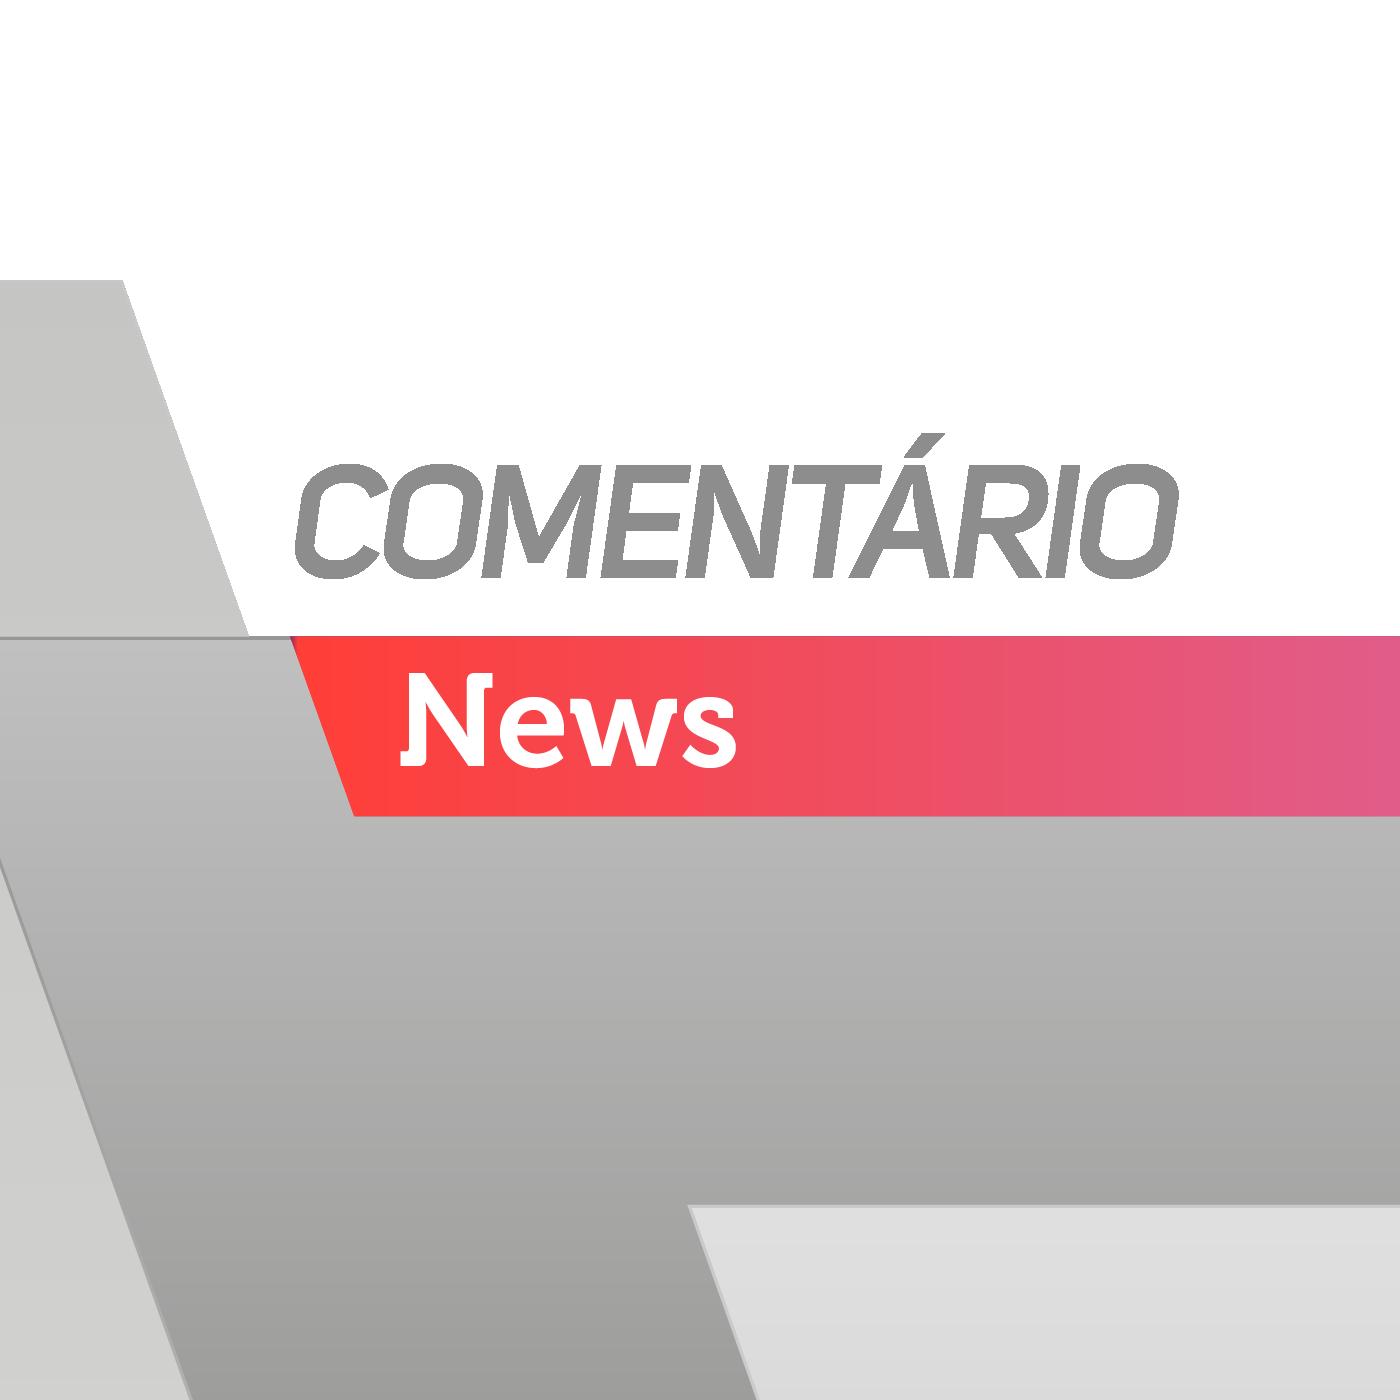 Gisele Loeblein comenta agronegócios no Gaúcha Repórter 27/04/2017